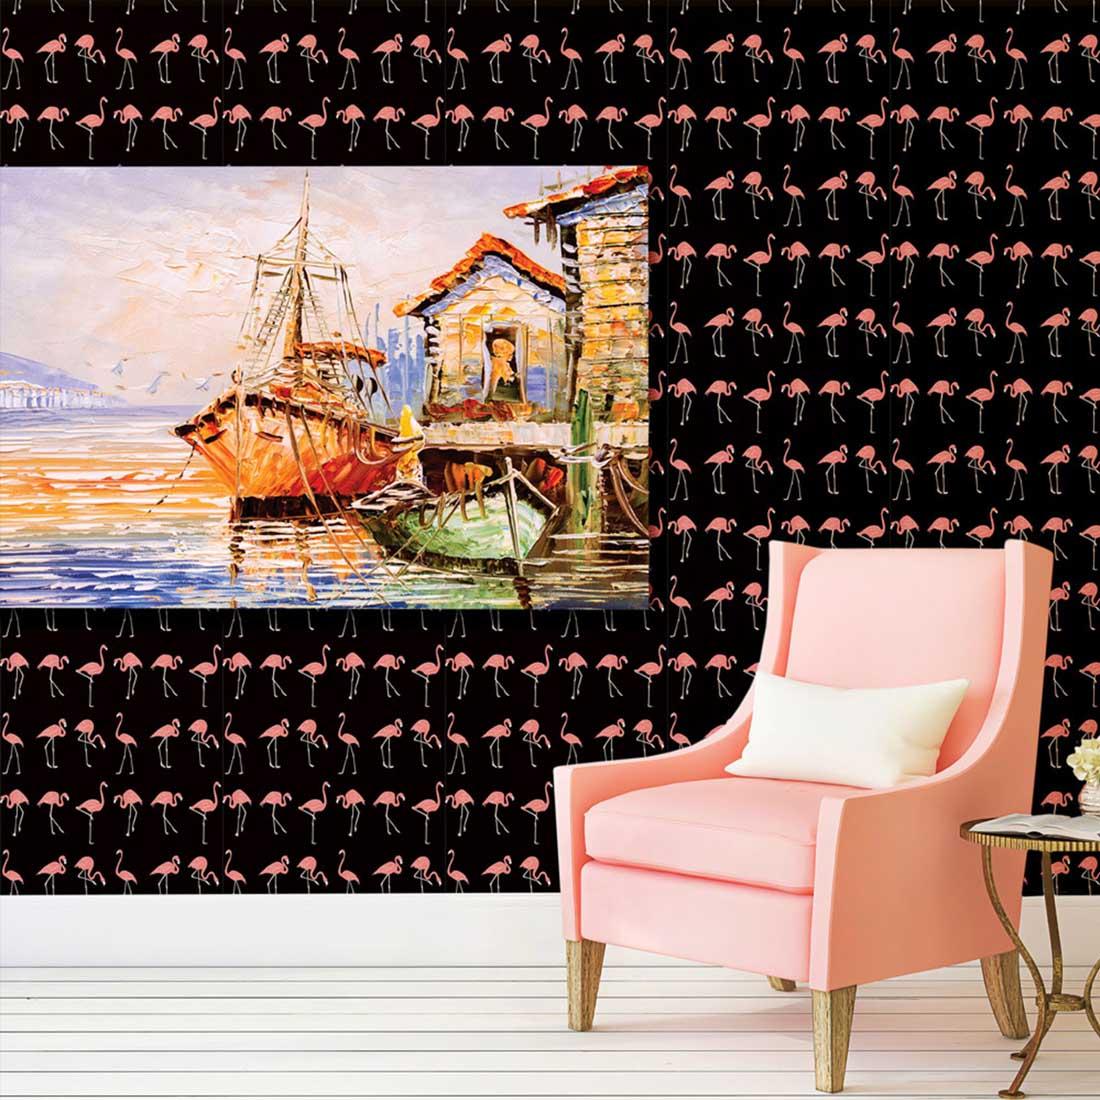 Papel de Parede Animais Flamingo Rosado Fundo Preto